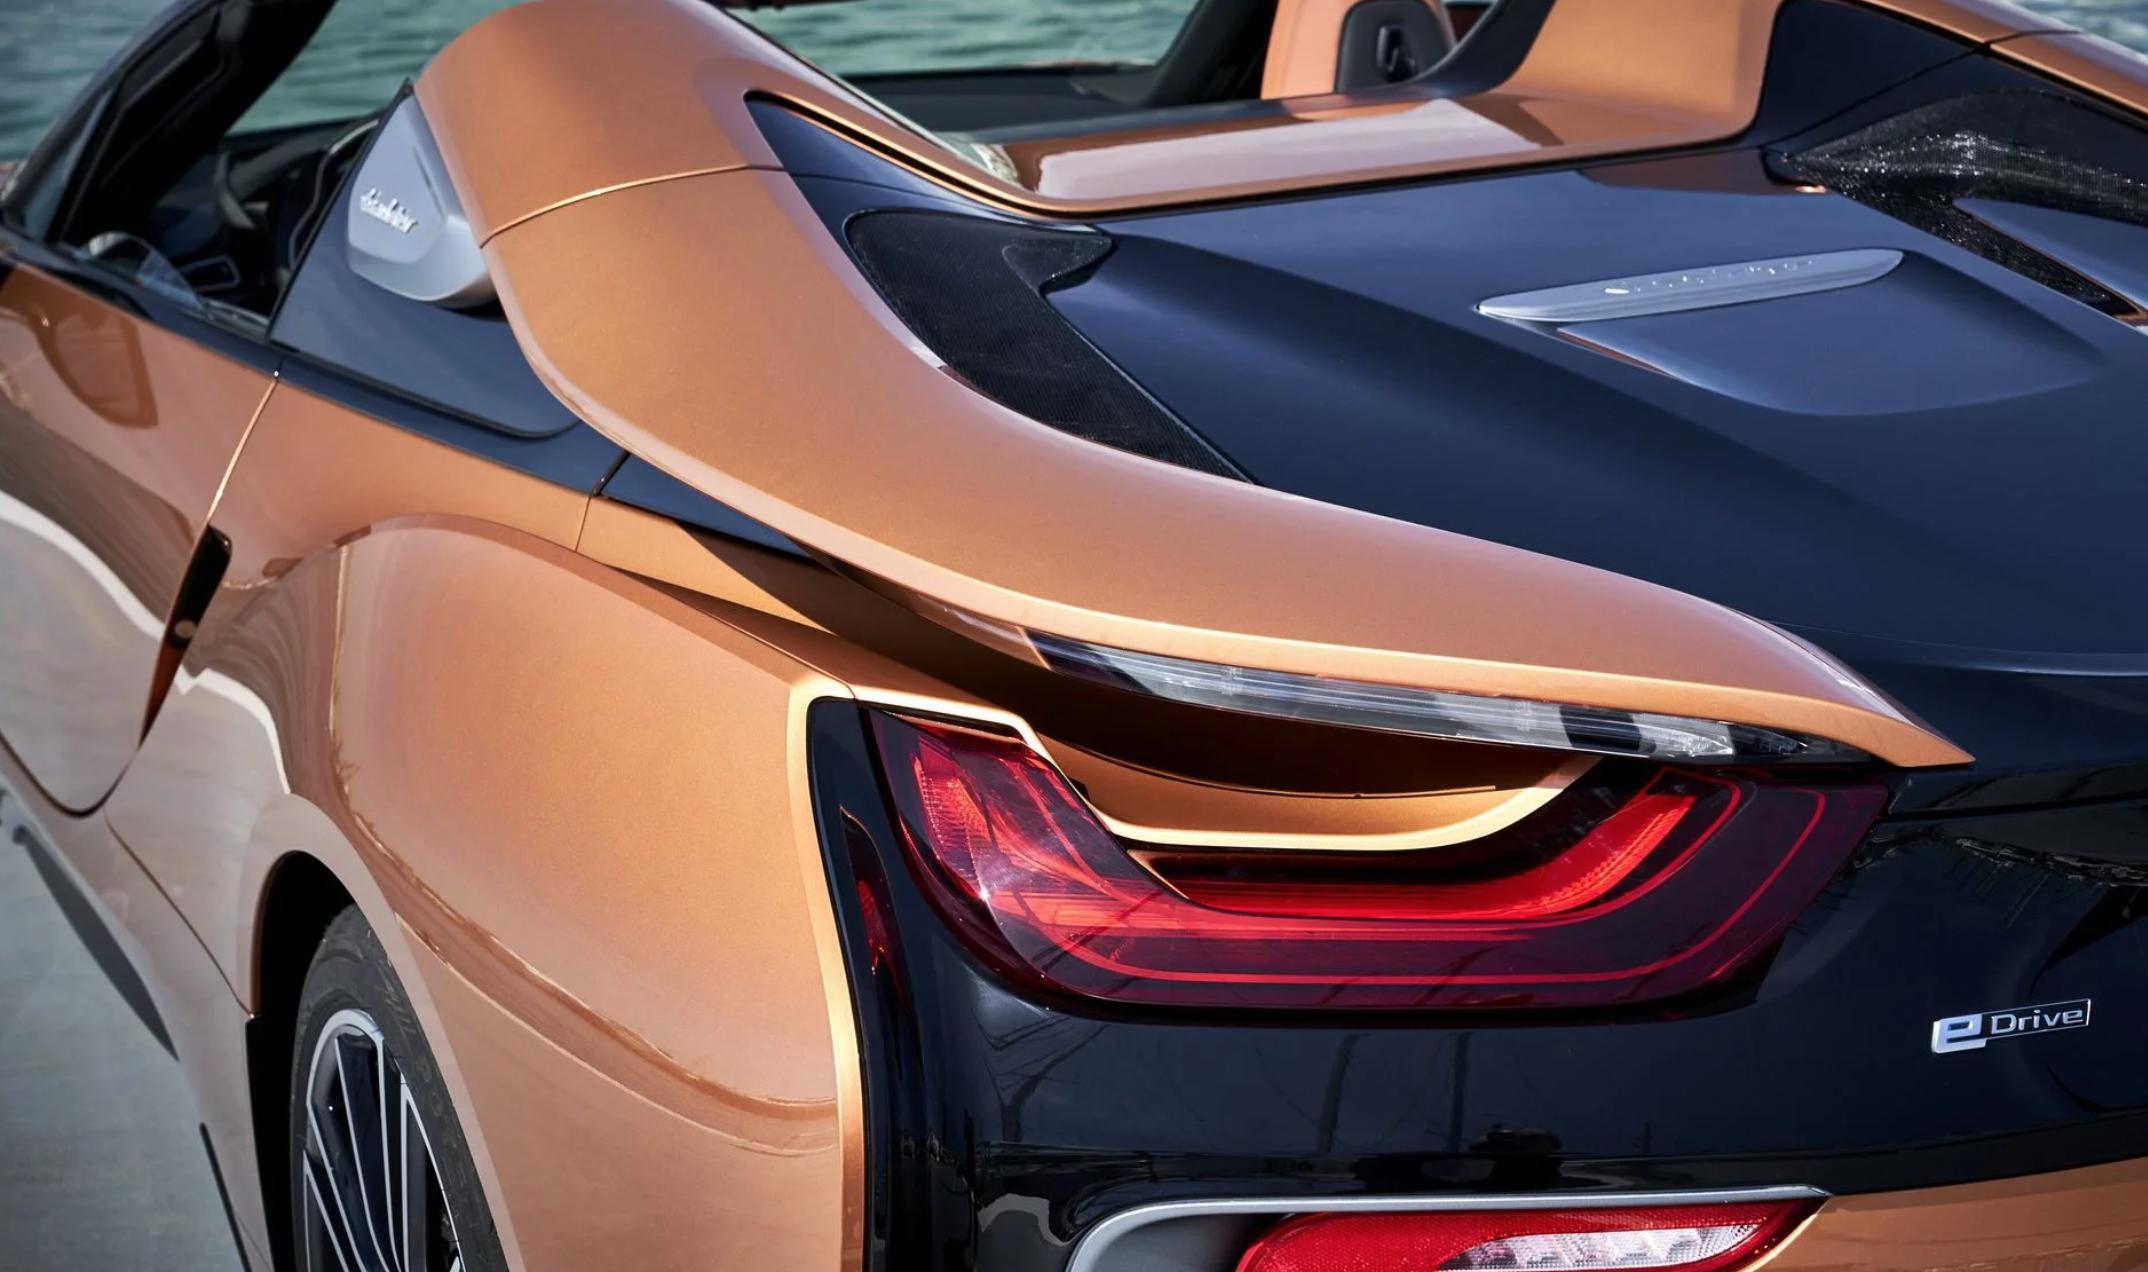 Thị trường xe - Ngất ngây với siêu xe mui trần BMW i8 Roadster 'bằng xương bằng thịt' (Hình 9).